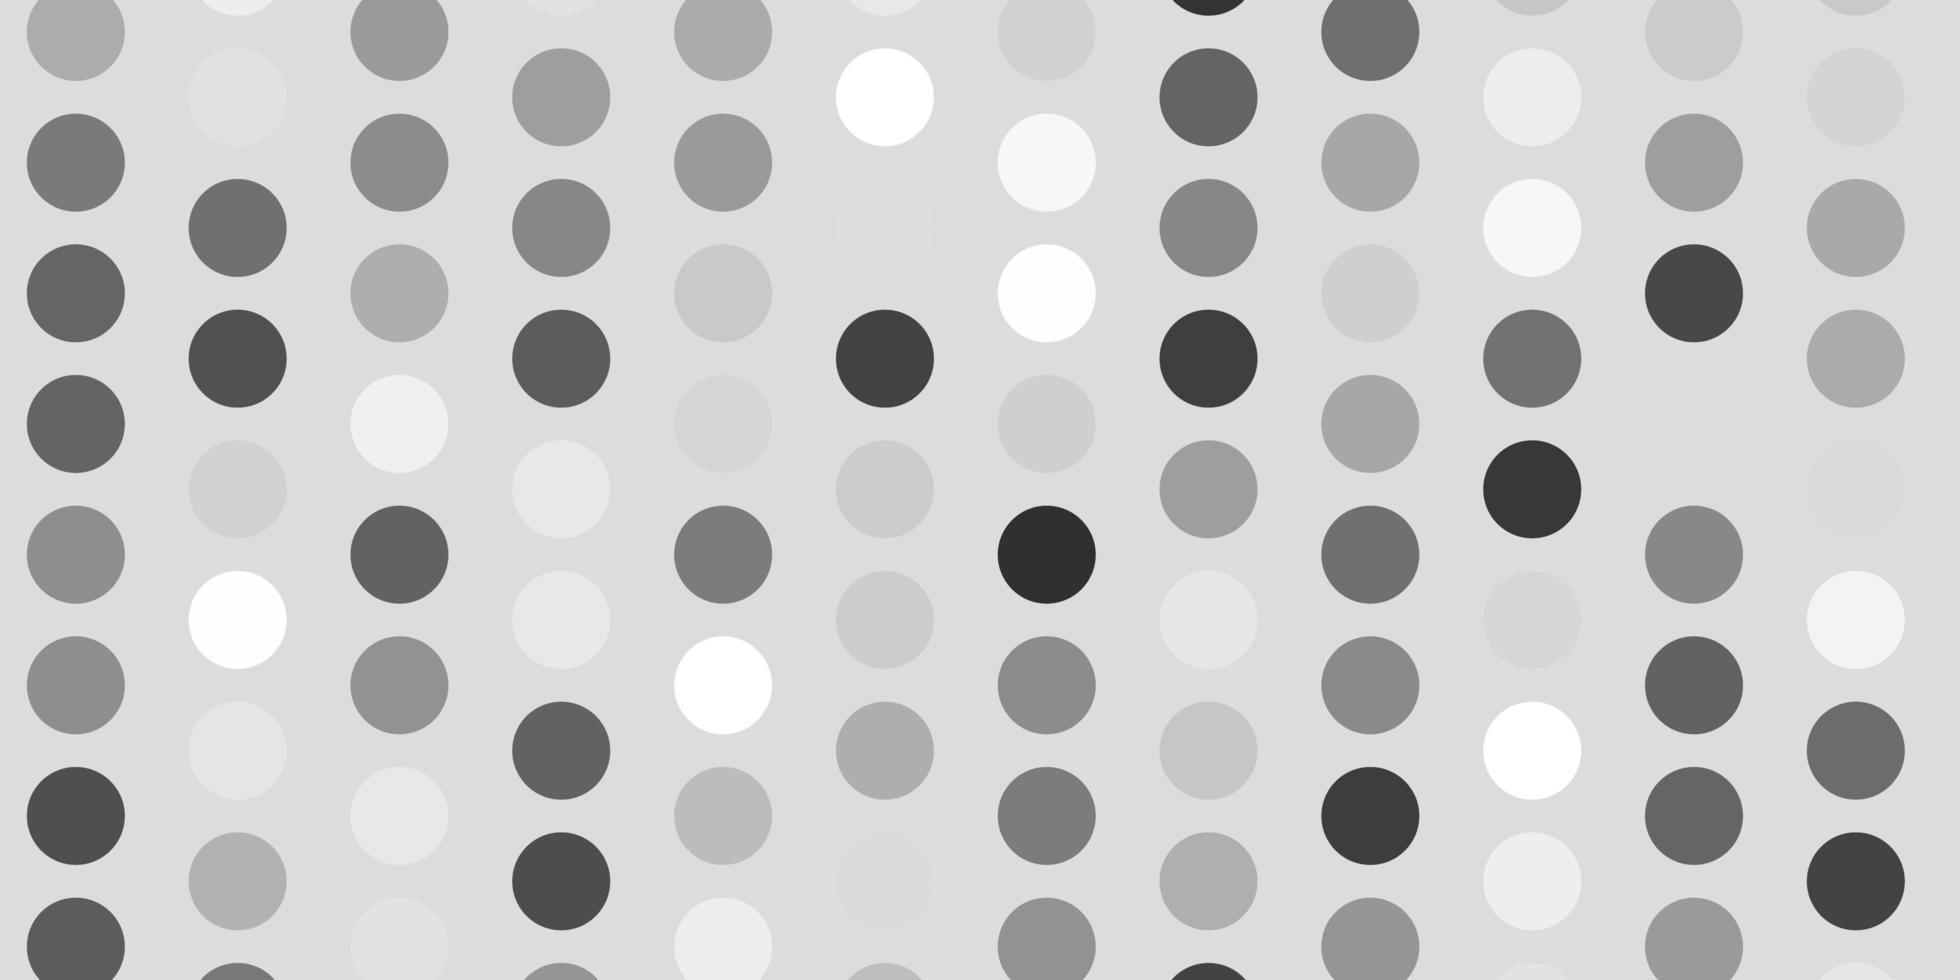 modèle vectoriel gris clair avec des sphères.